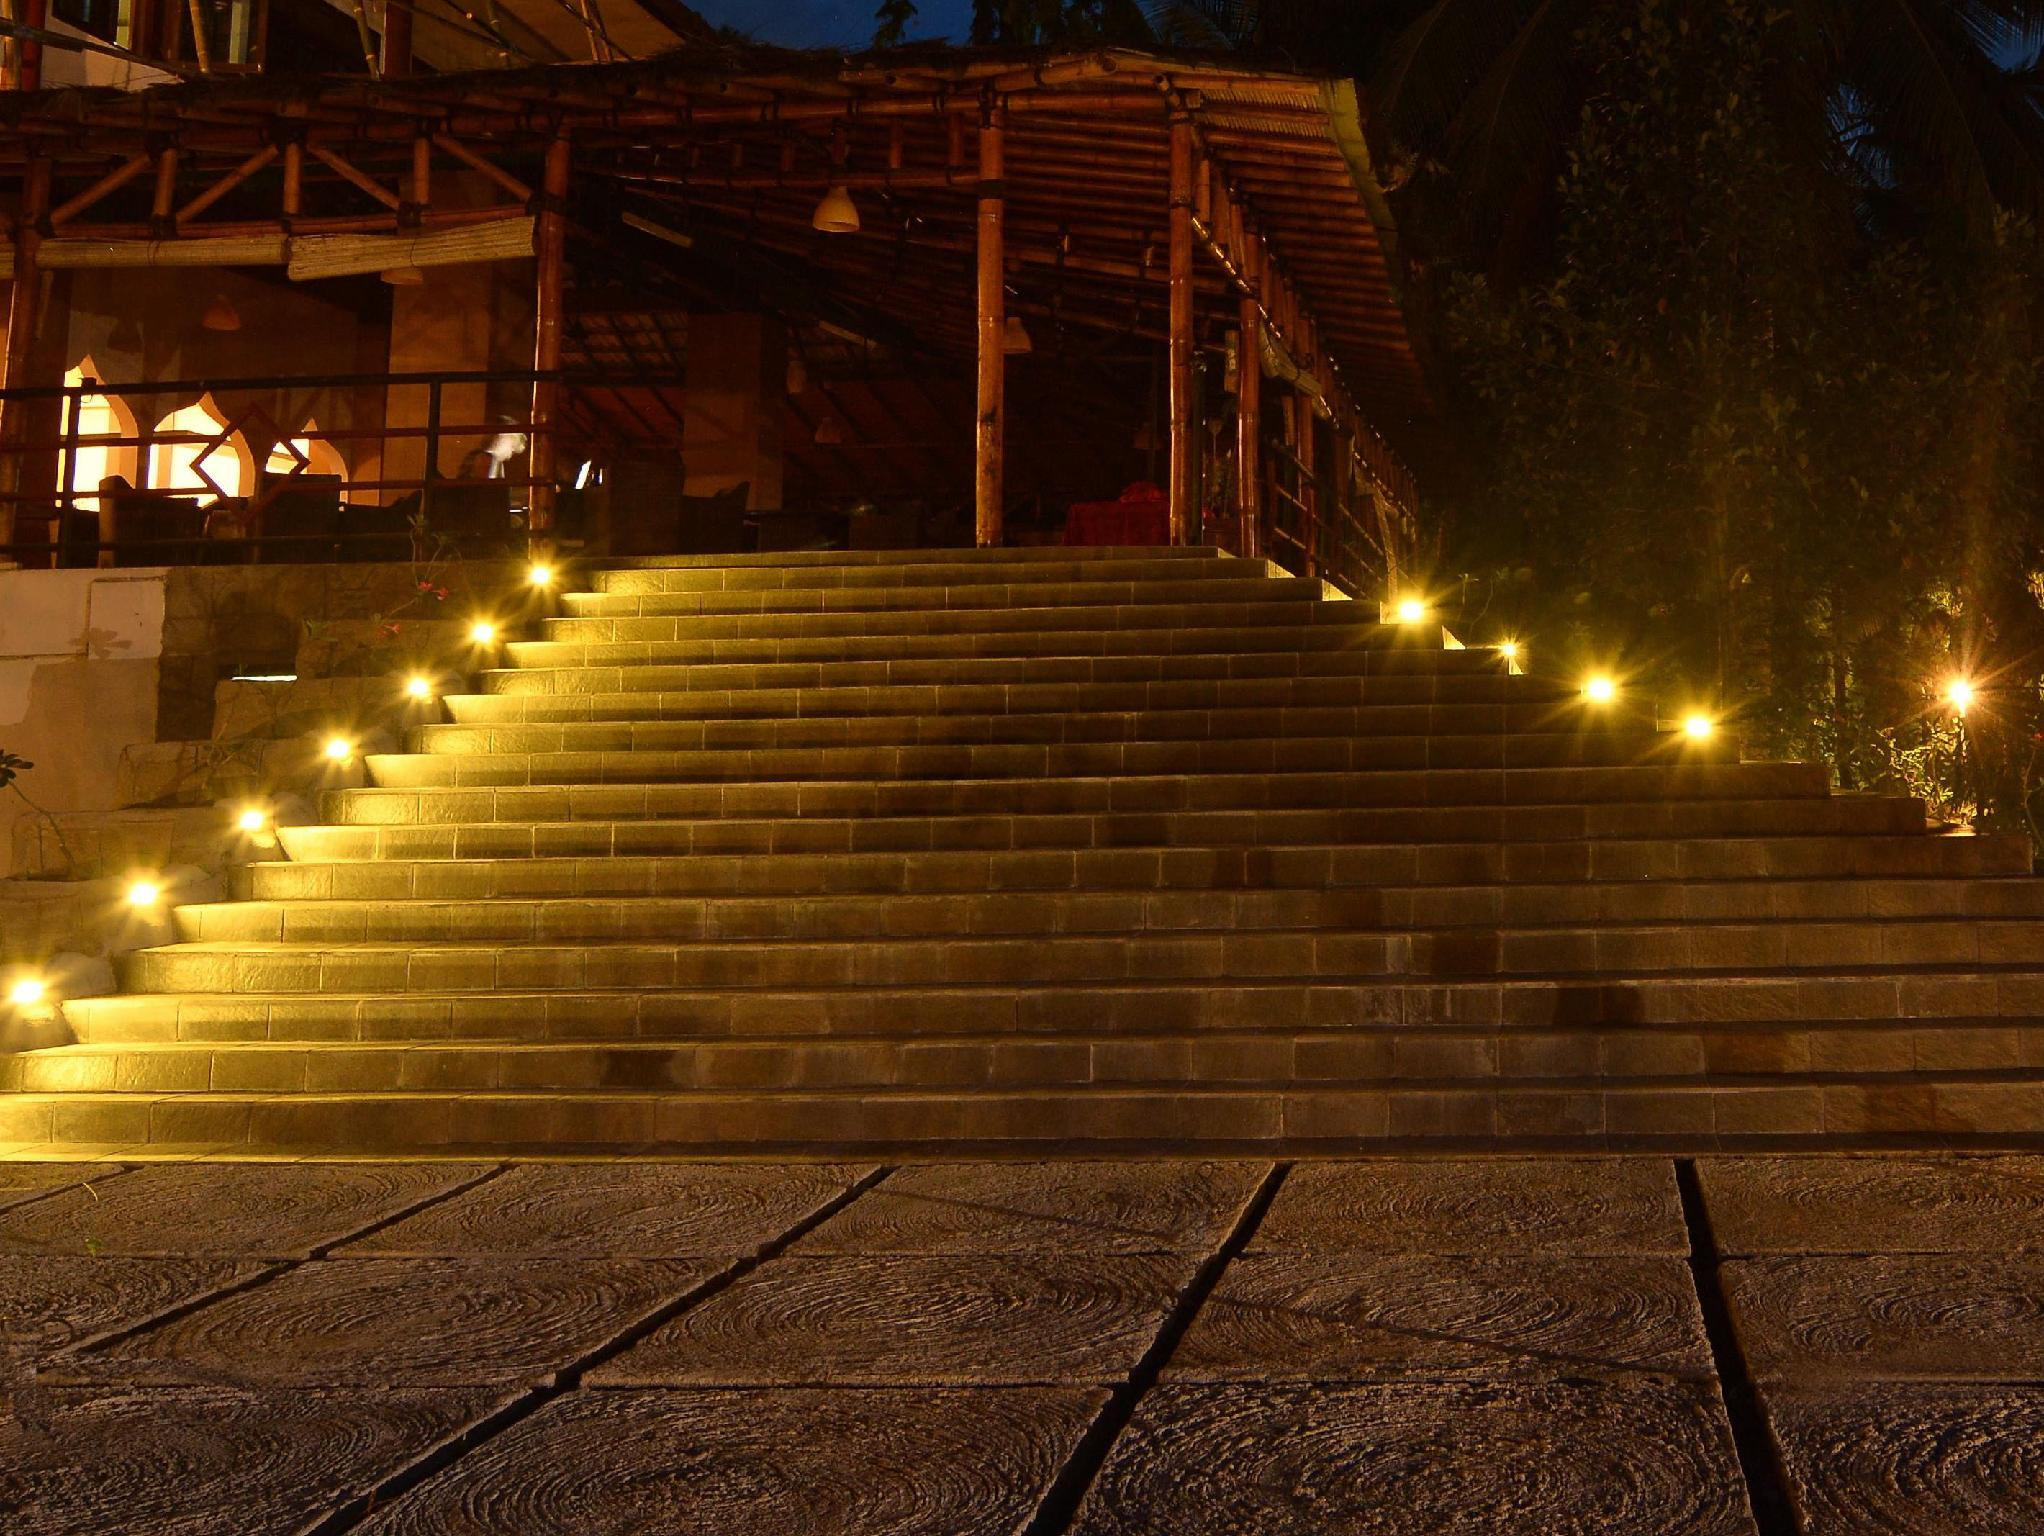 Tasik Ria Resort picture